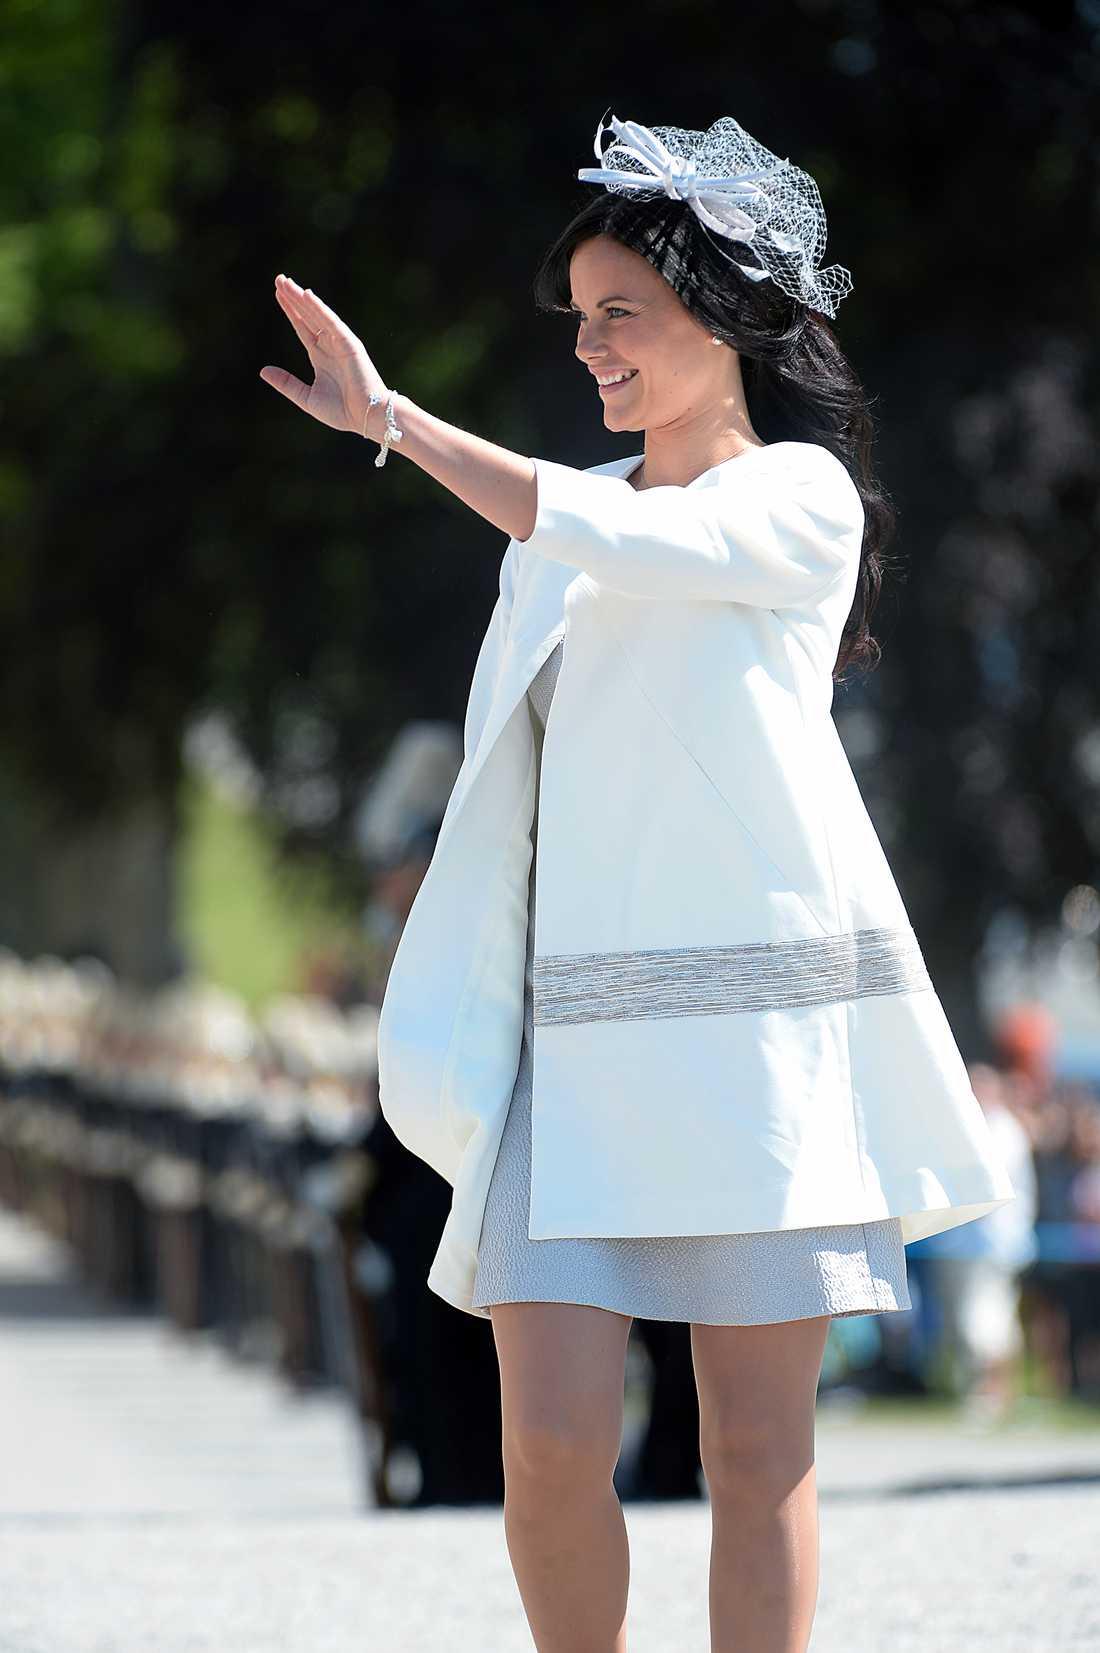 Sofia i en söt A-linjeformad klänning med matchande ytterplagg i samma snitt.